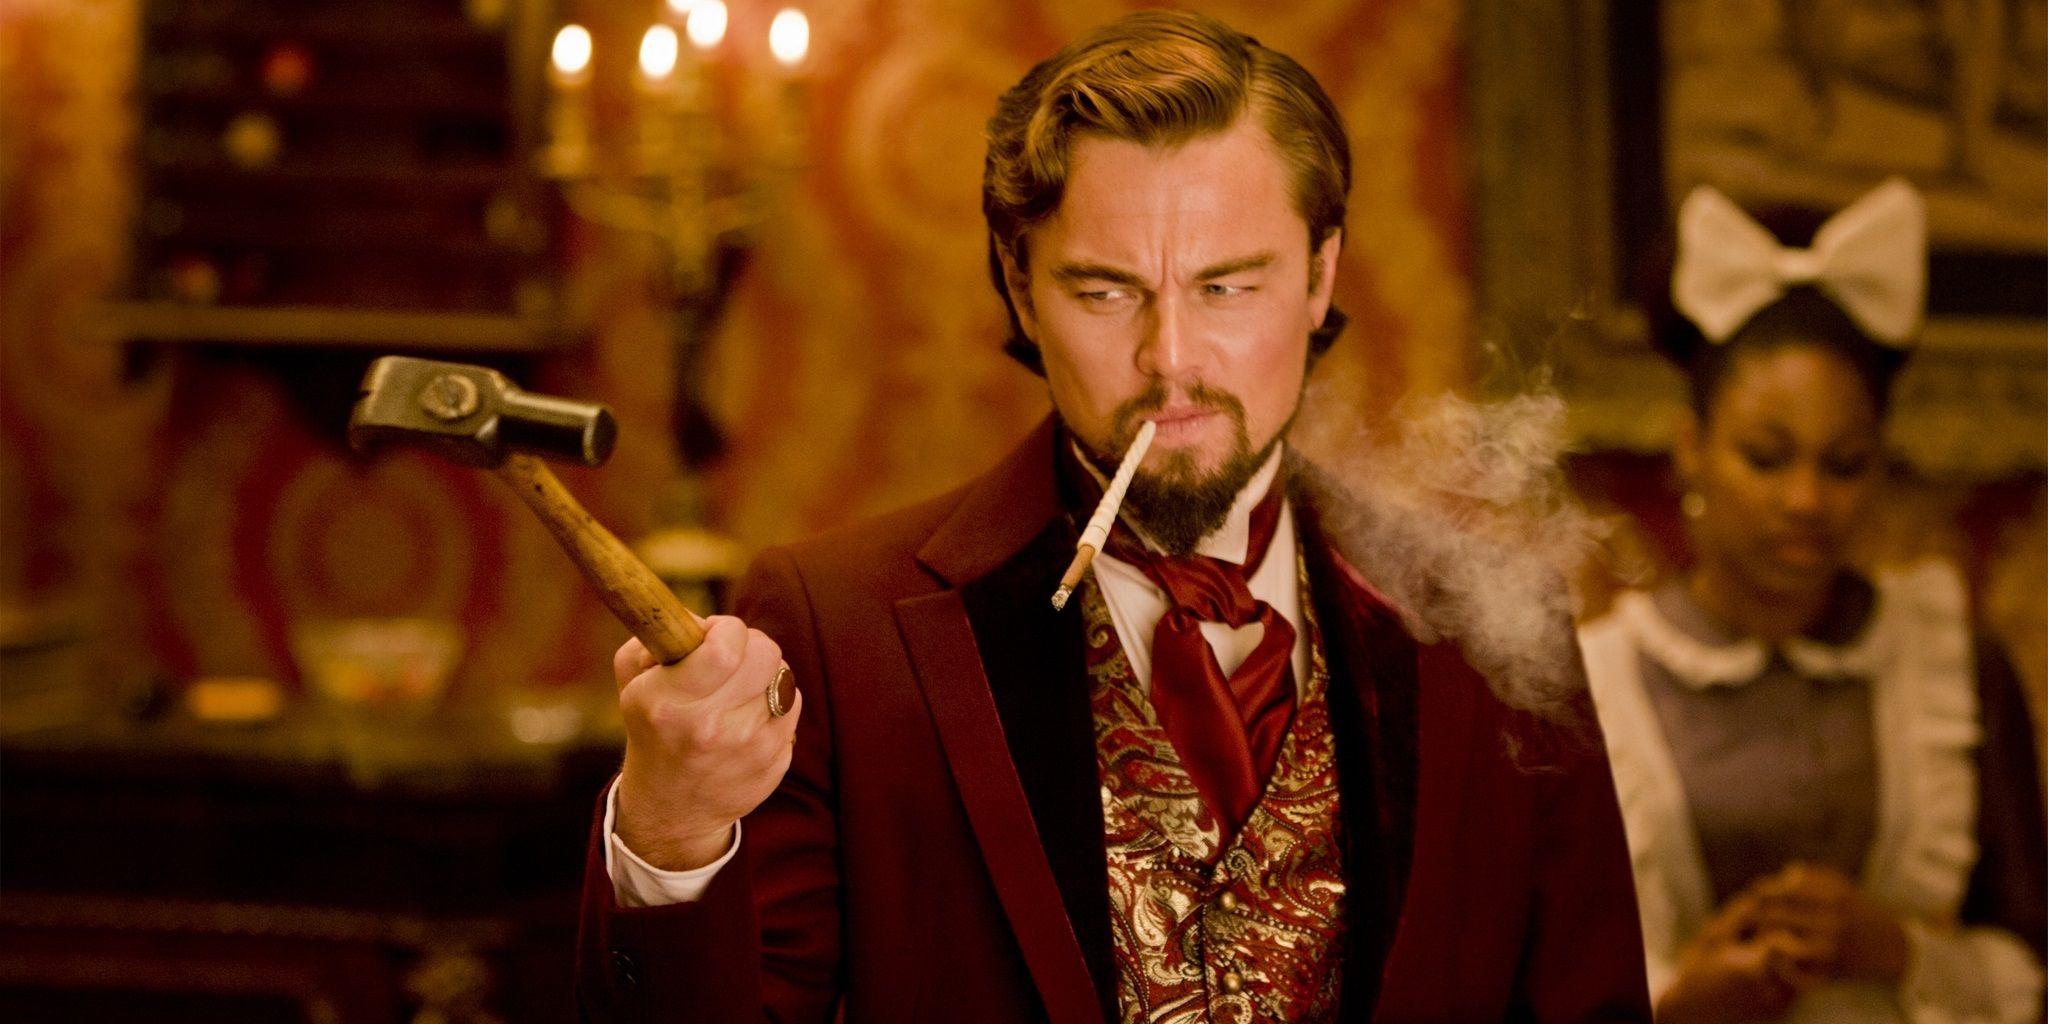 The Original Django Is Even More Violent Than Tarantino's